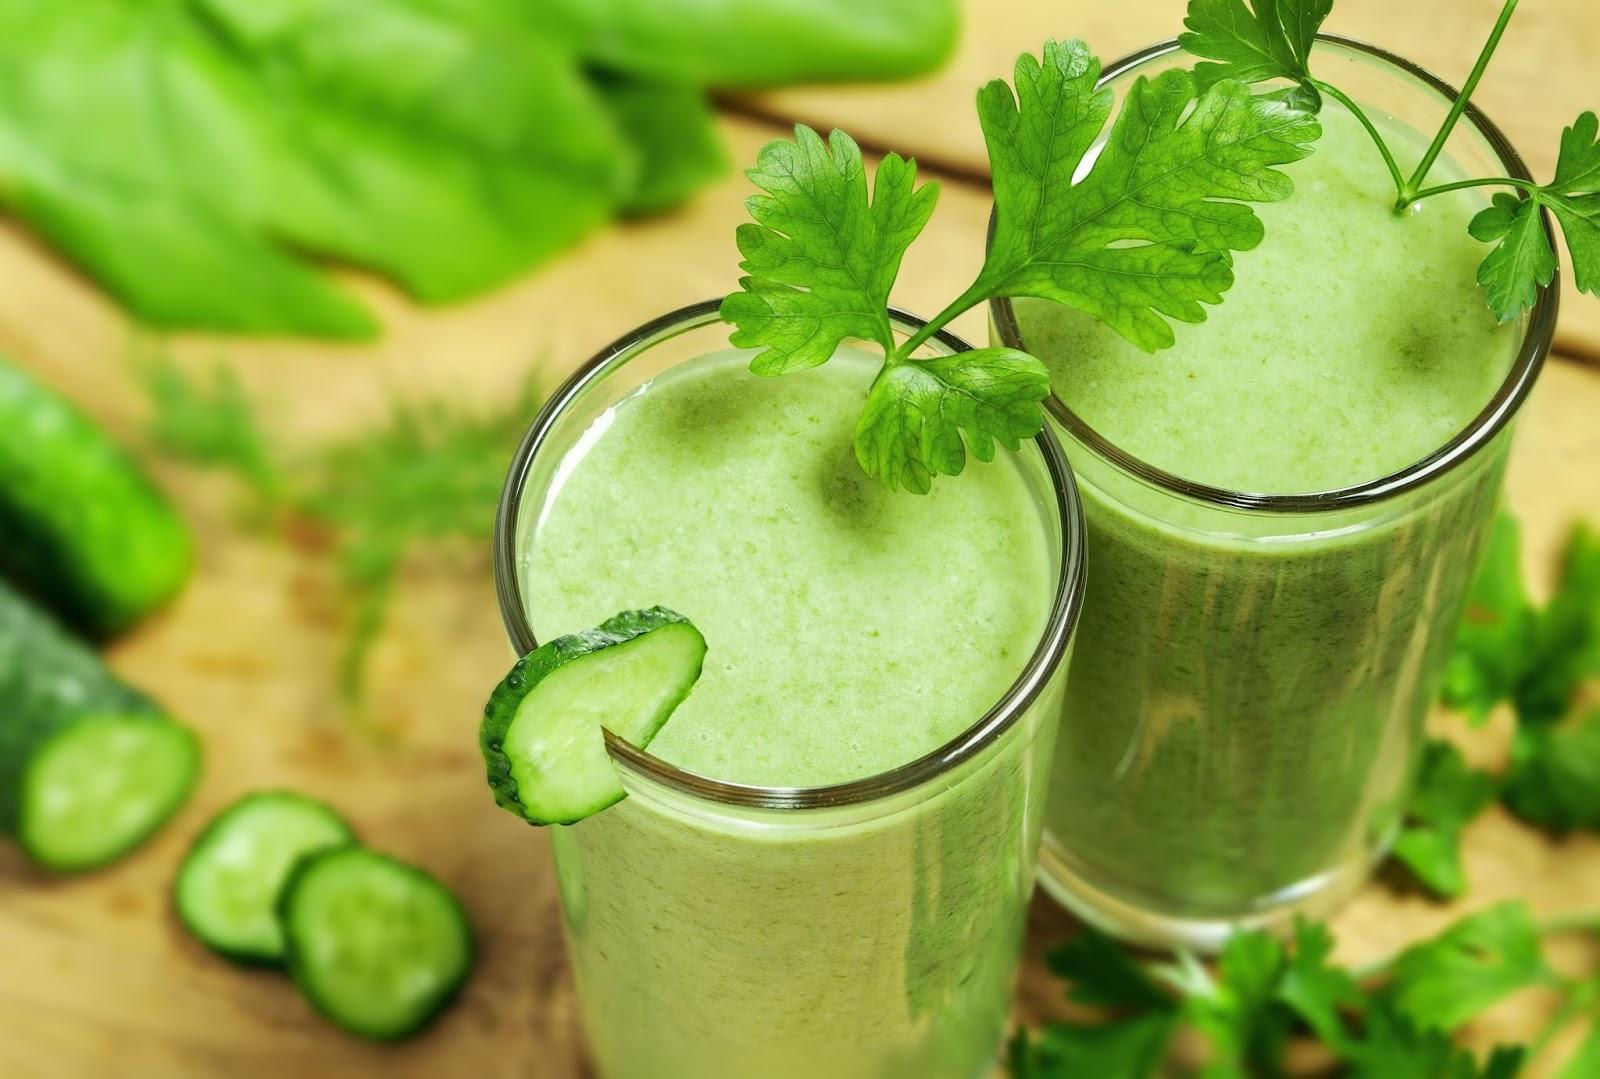 коктейль из зелени рецепт от рака